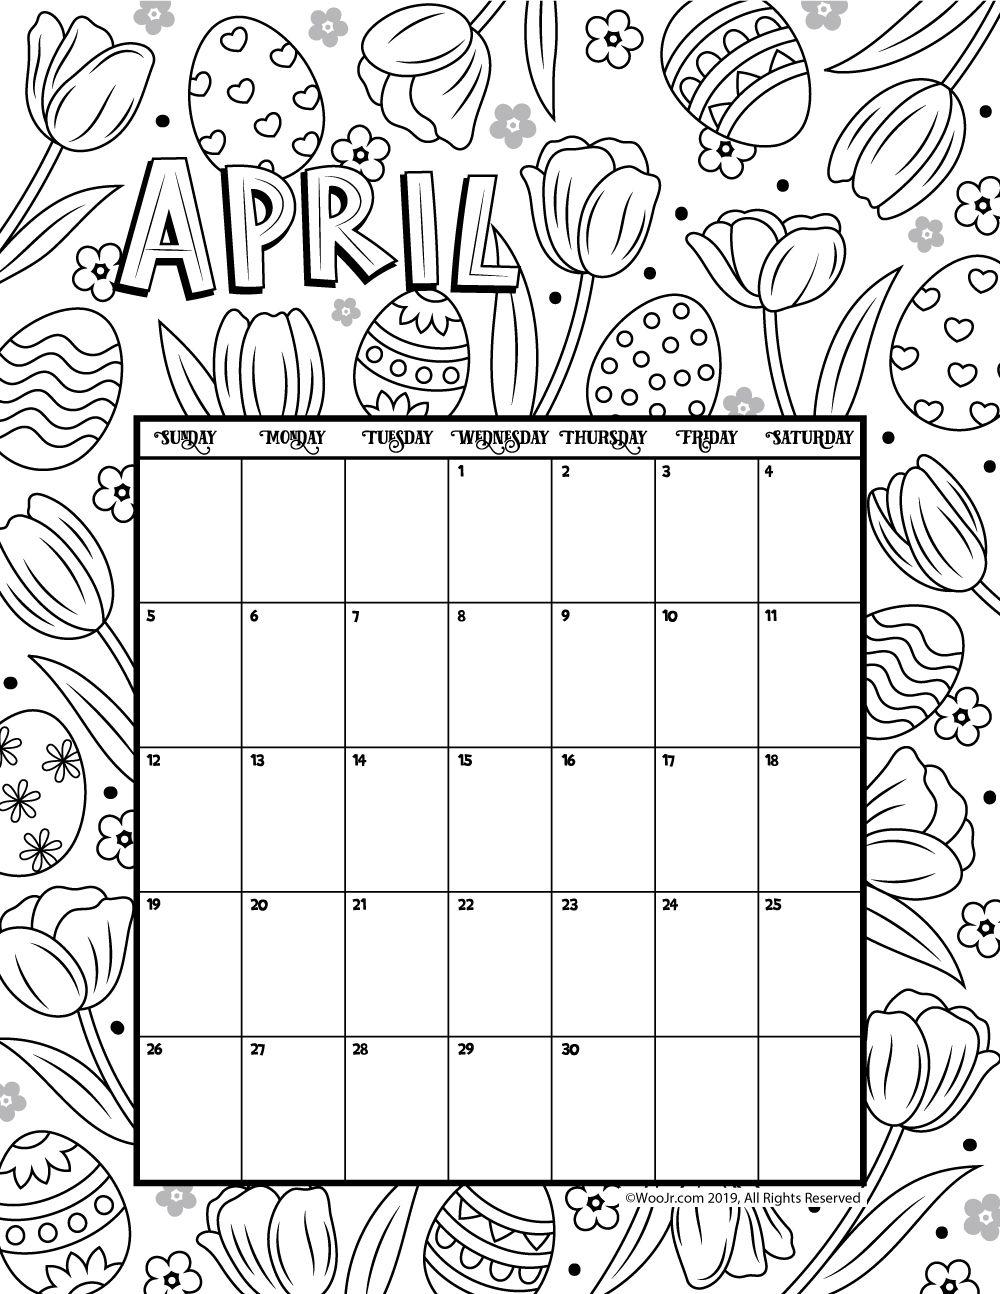 April 2020 Coloring Calendar in 2020 Coloring calendar